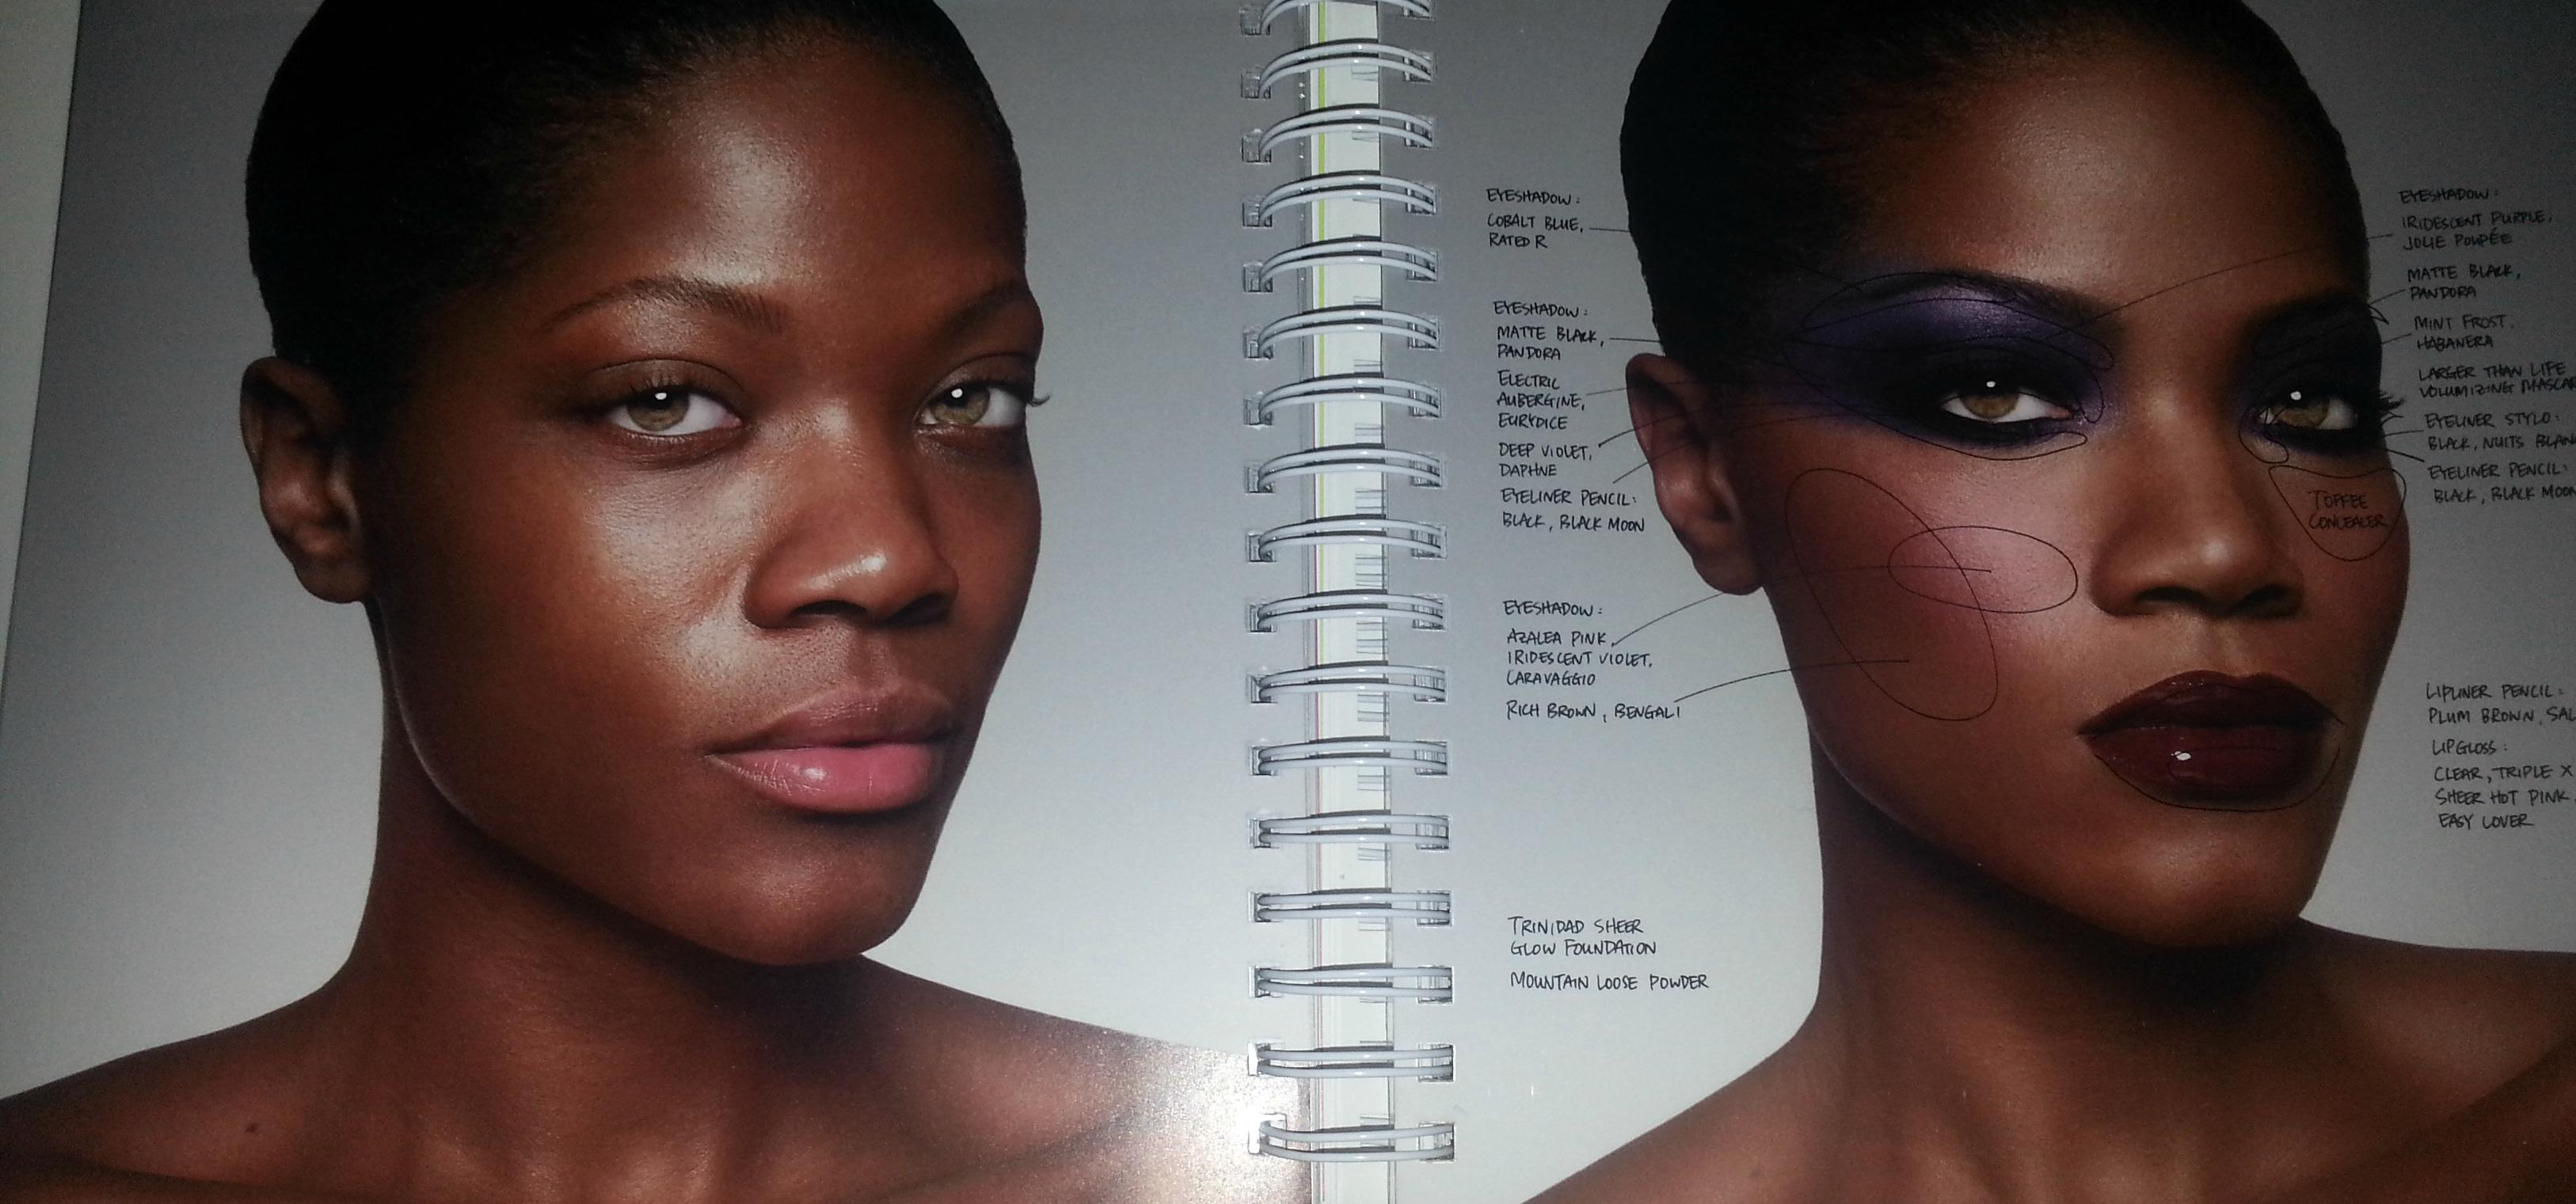 essayer des maquillages Sur le forum de liwang, y a l'adresse d'un site excellent pour essayer des coiffures et maquillages sur sa propre photo il cadre bien [].